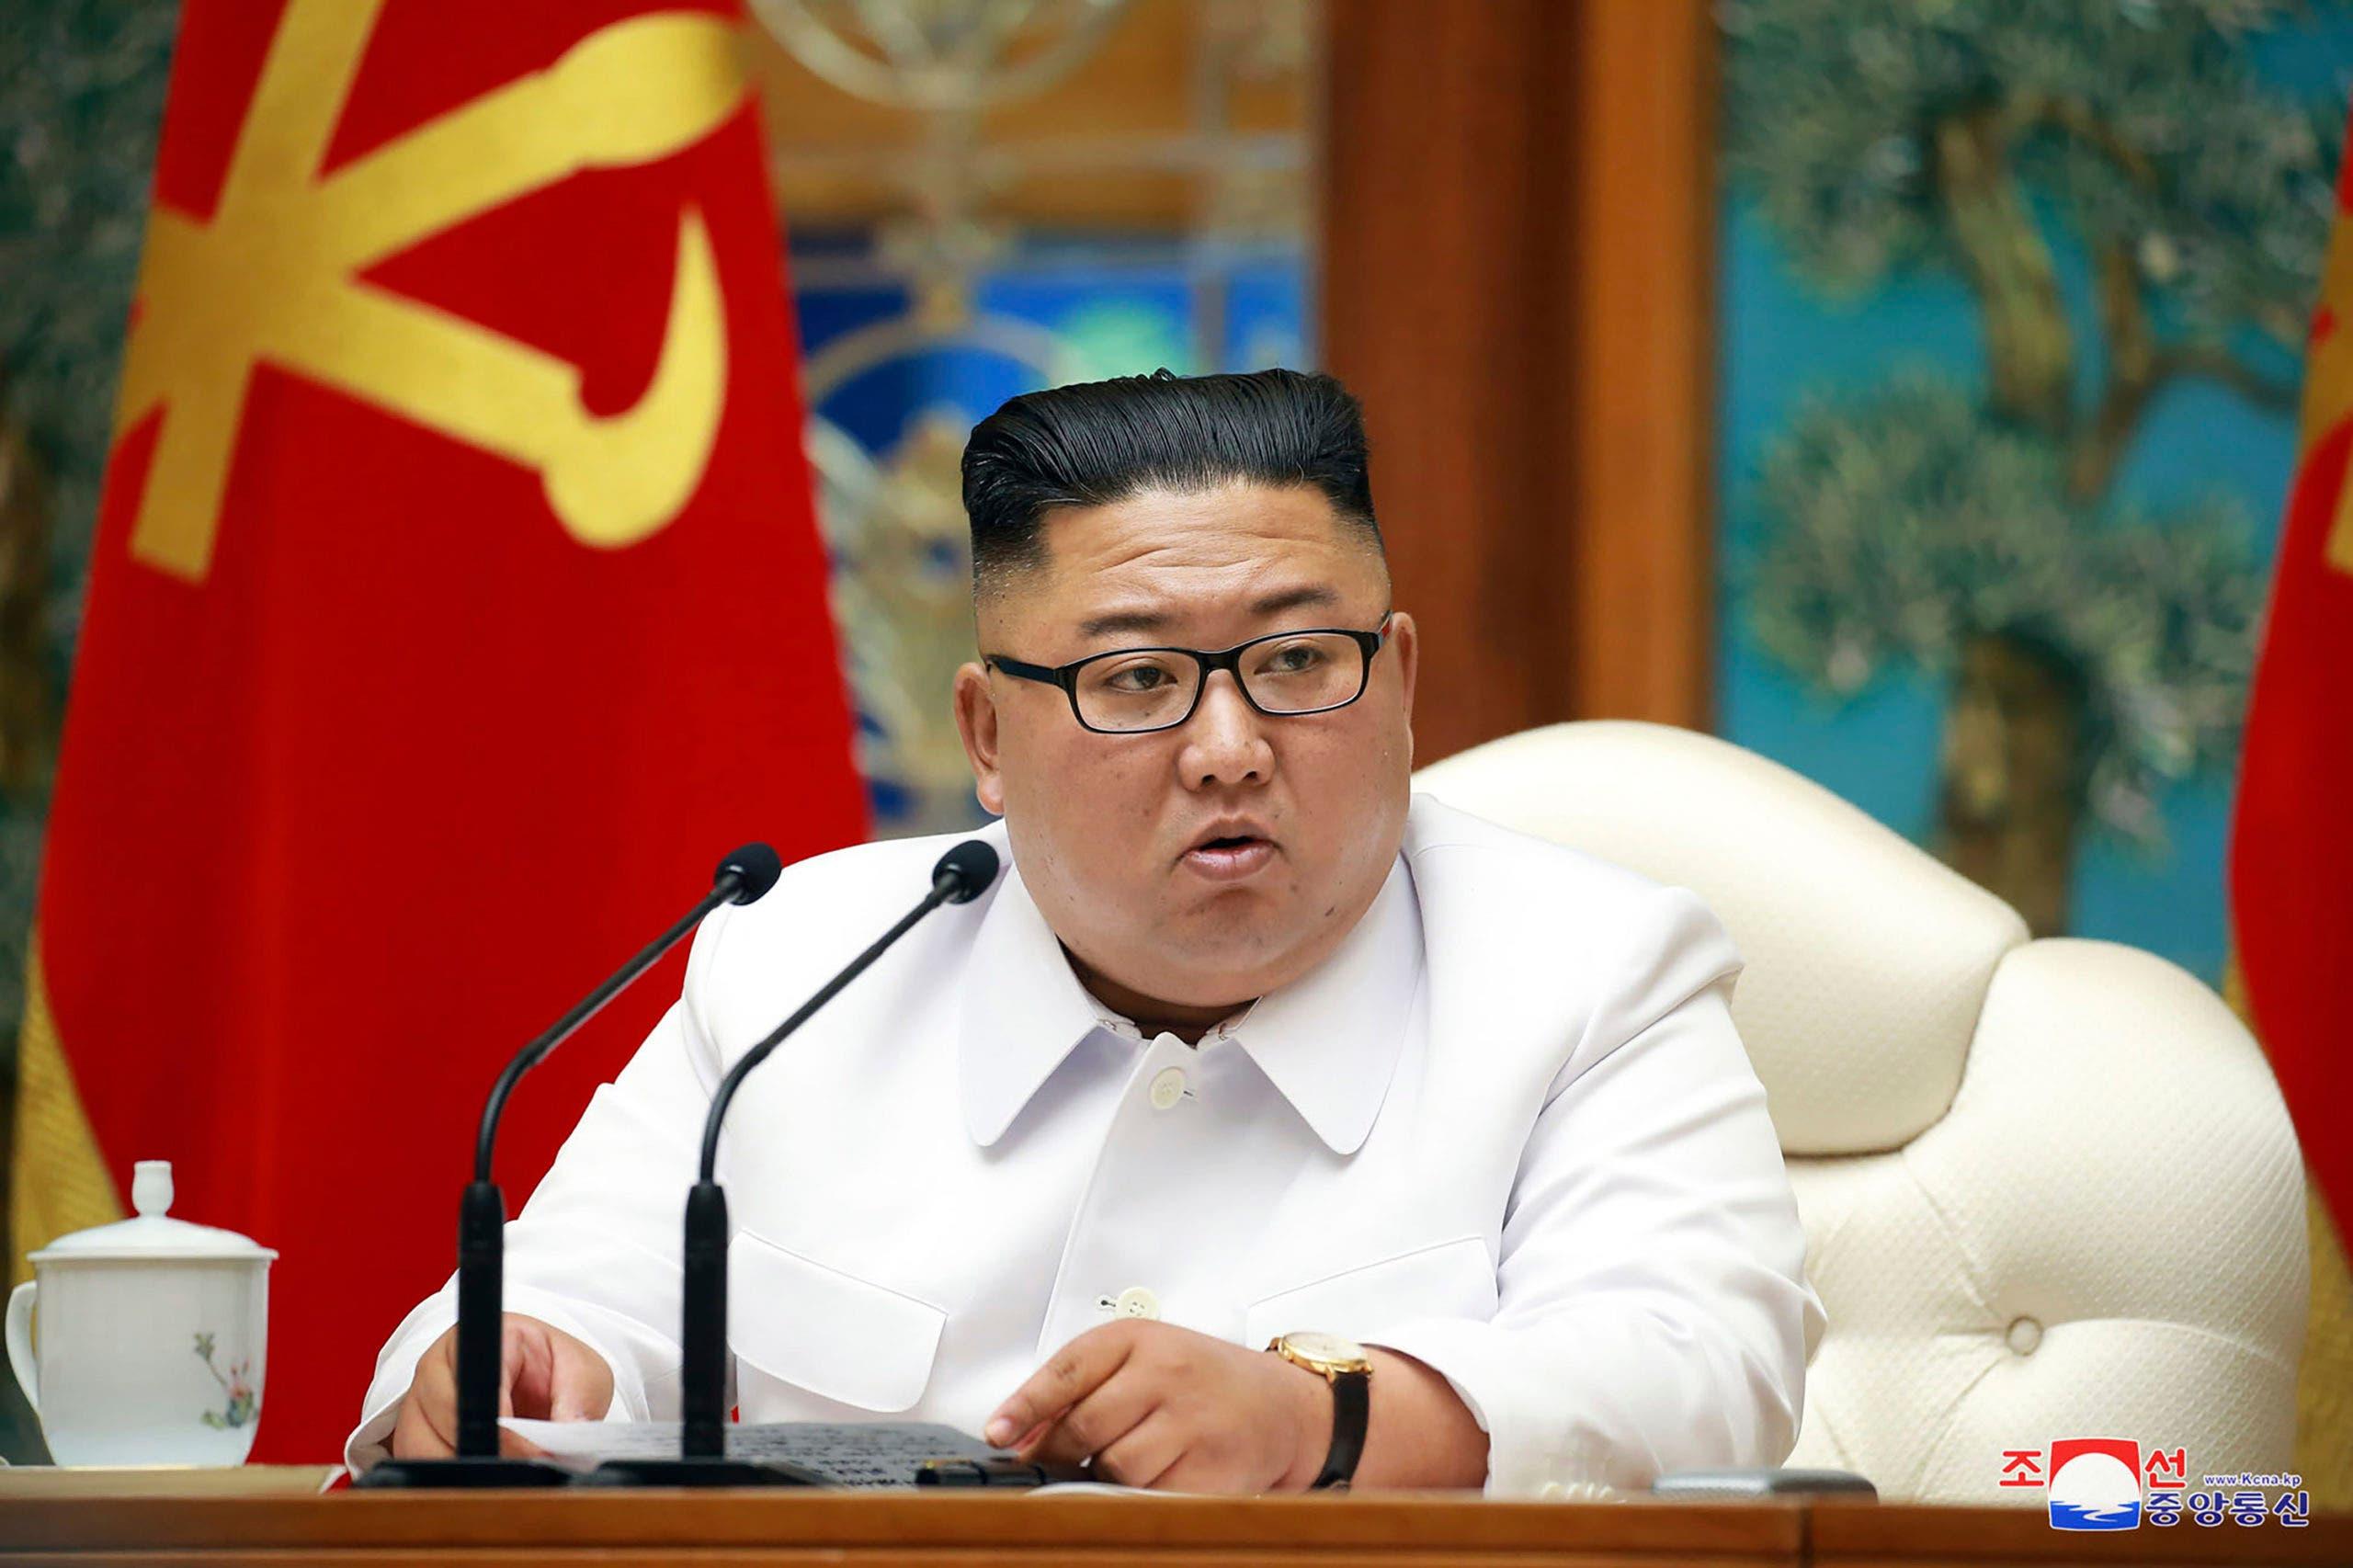 Corea del Norte declara cuarentena por COVID-19 después que una persona presentó síntomas